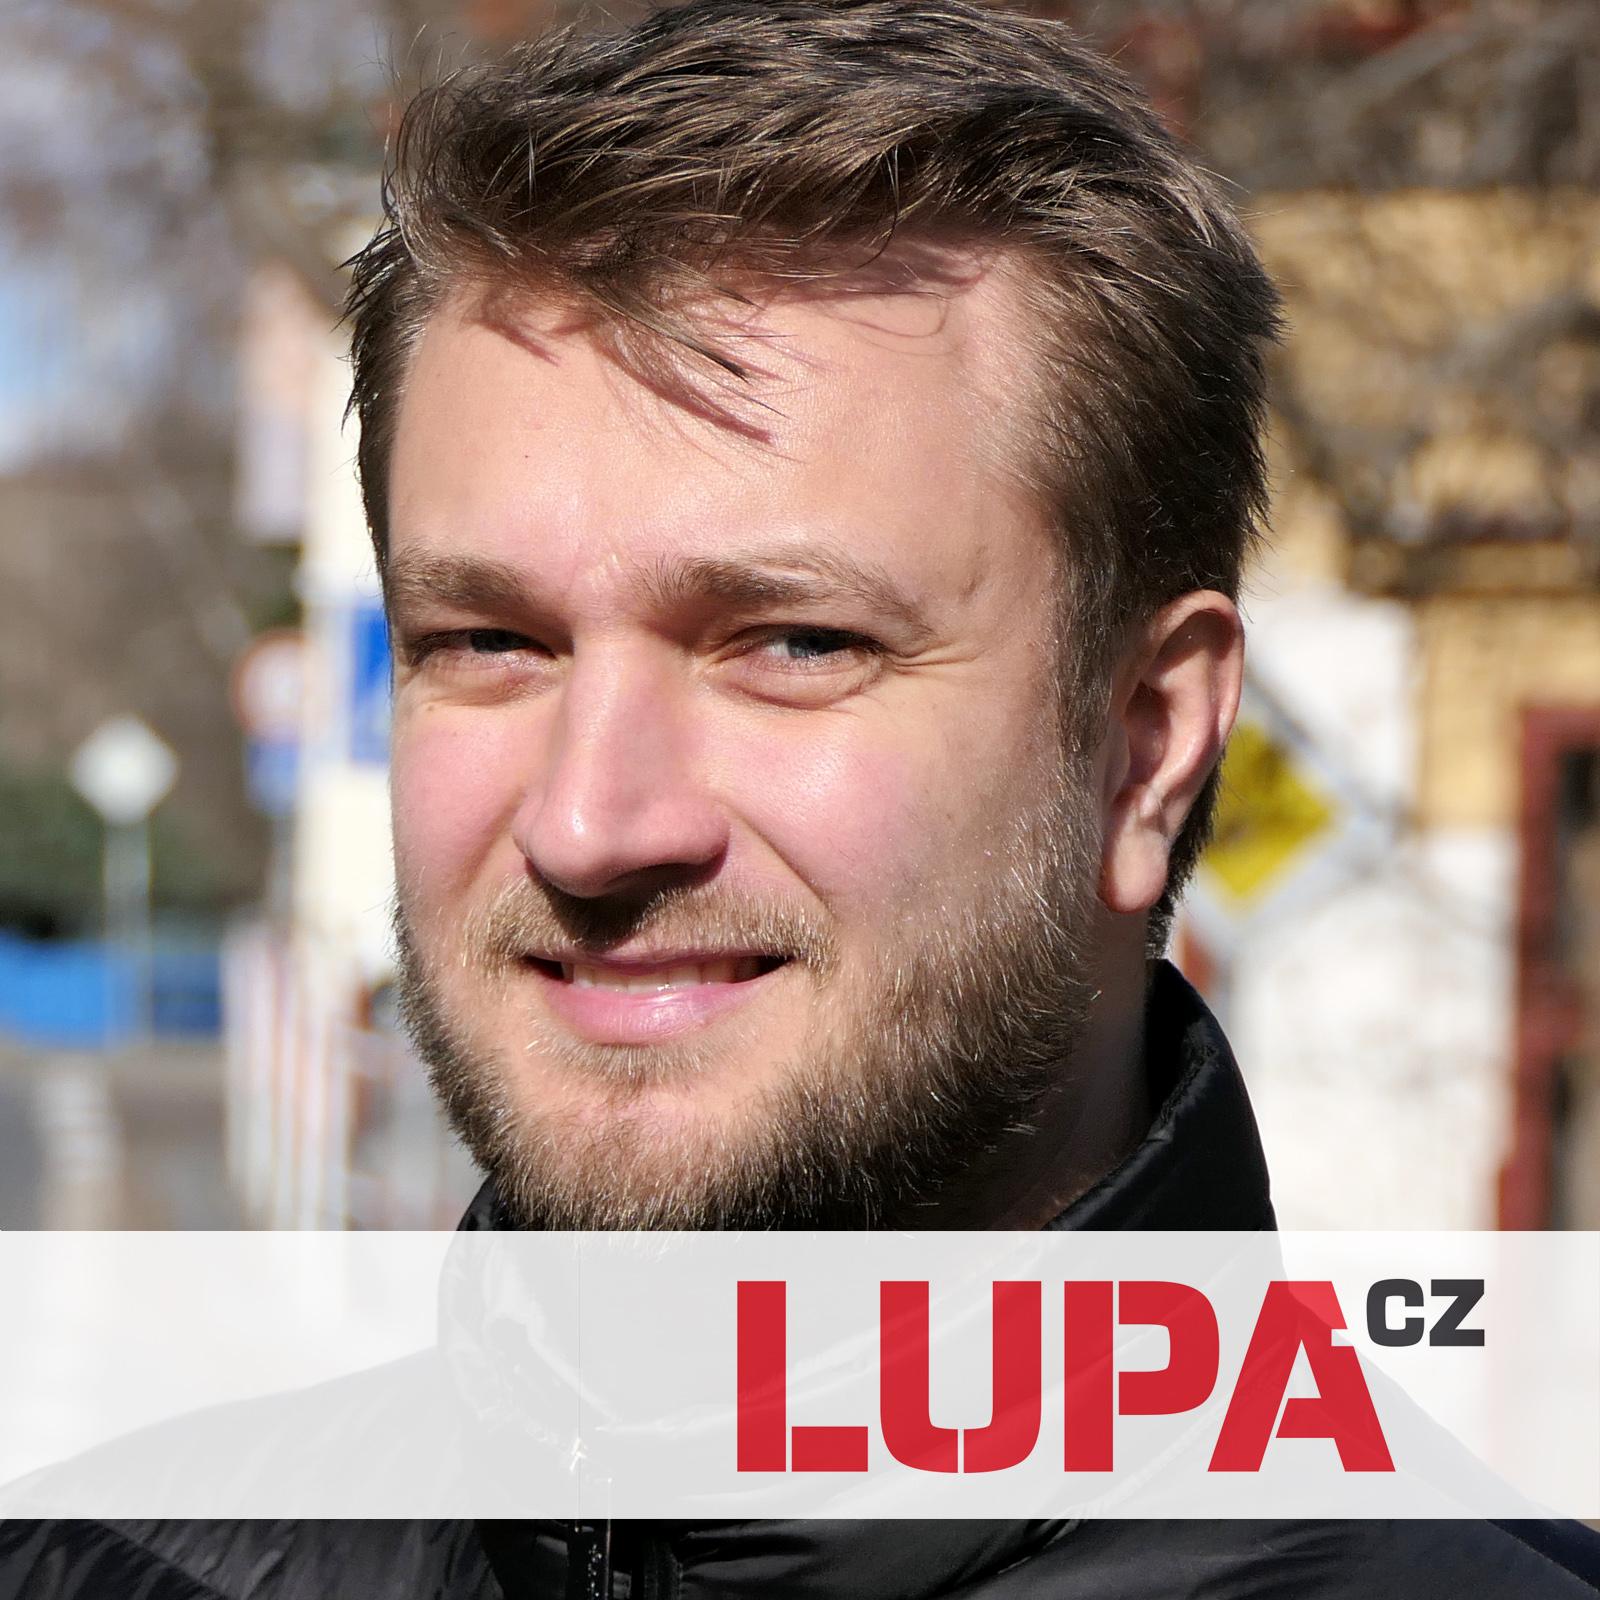 Pavel Kuchta (Revolt): V Praze budeme mít 1350 koloběžek, sdílení nabídneme všem majitelům aut